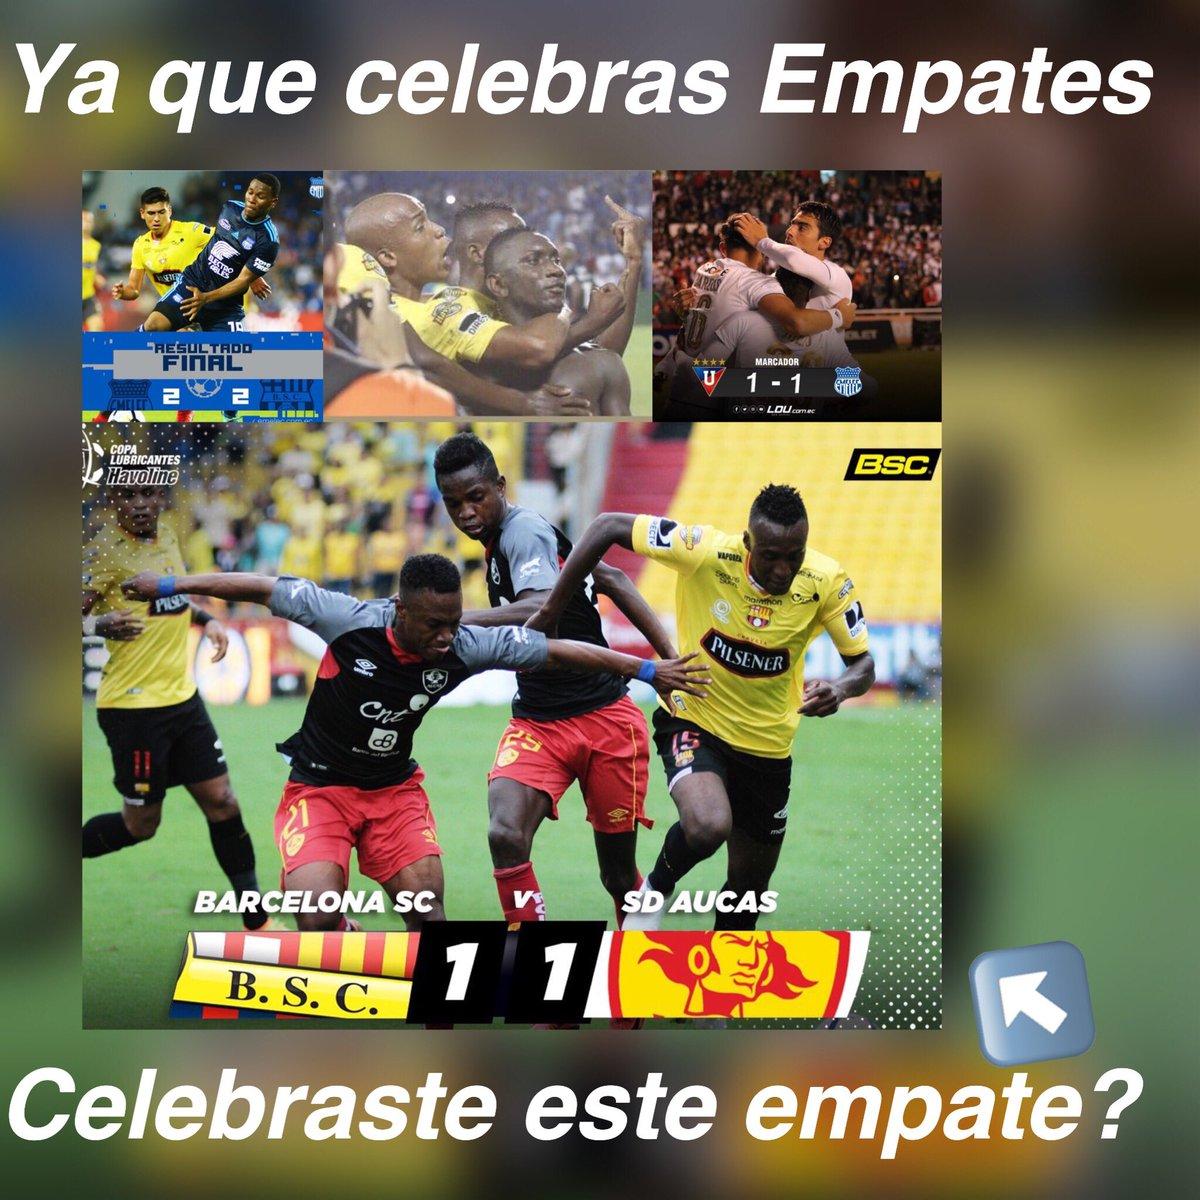 Futbol Meme Ecua On Twitter Futbolmemeecua Csemelec Emelec